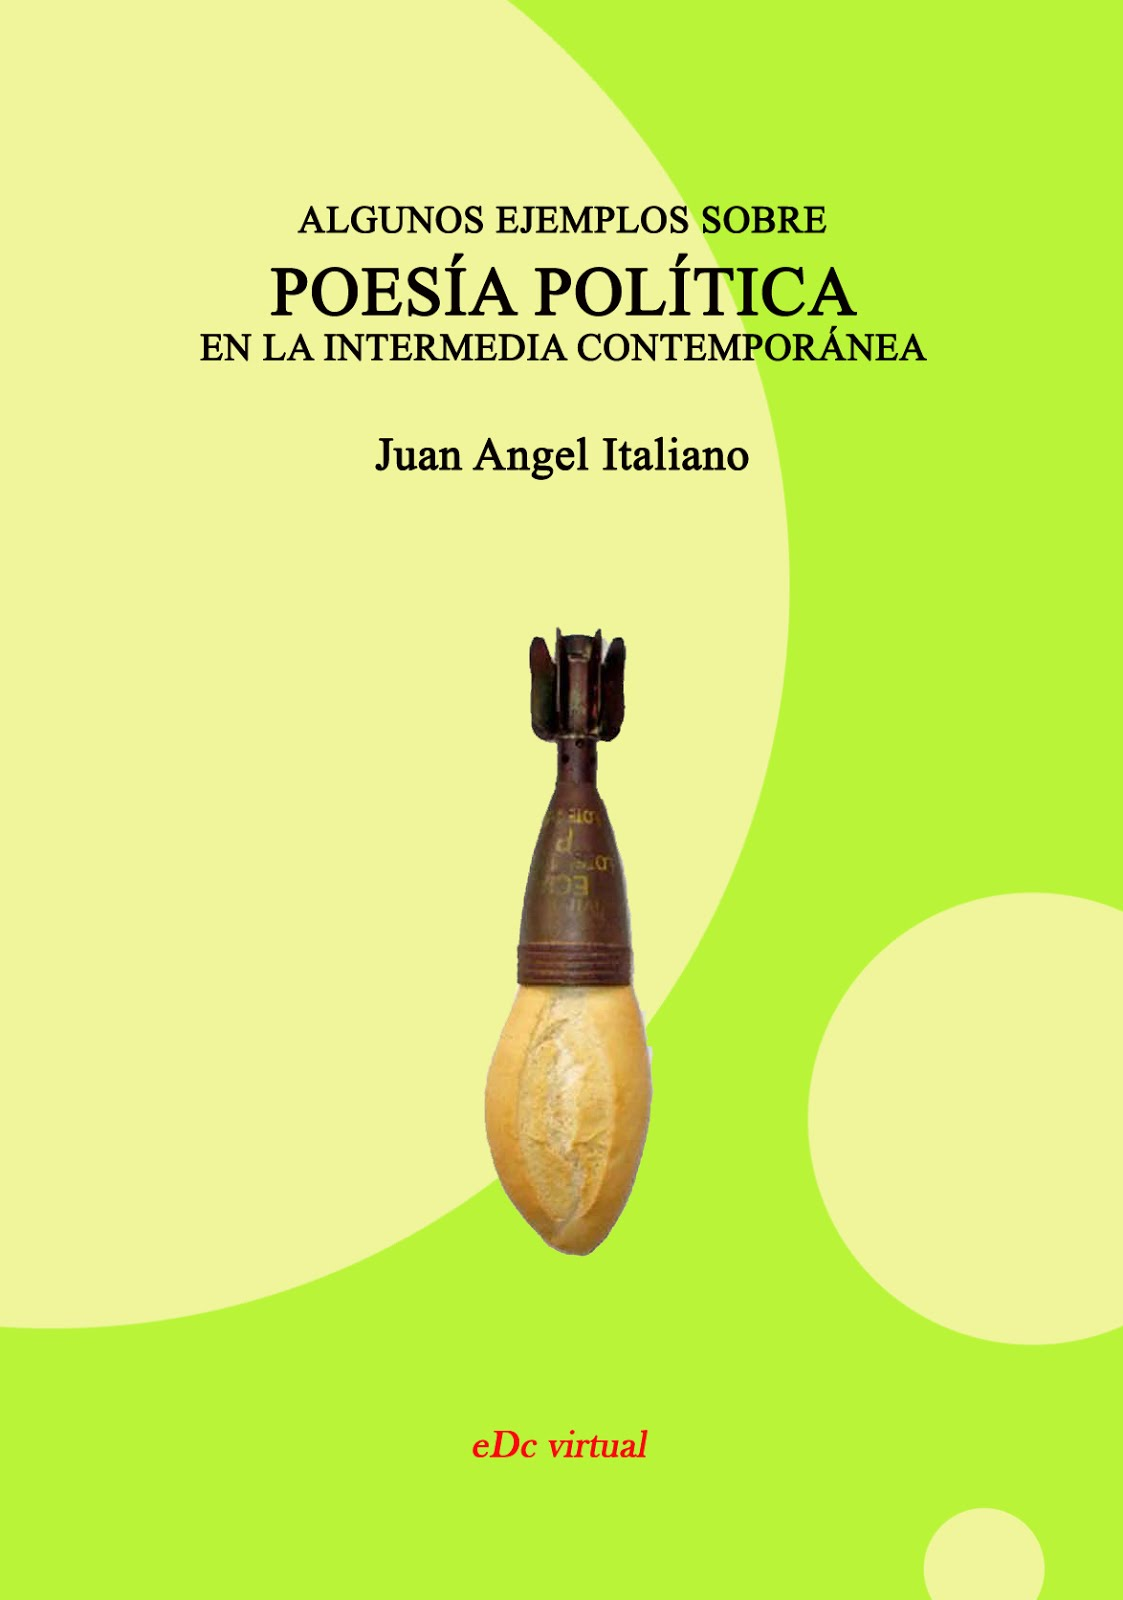 Algunos ejemplos sobre poesia politica en la intermedia contemporánea